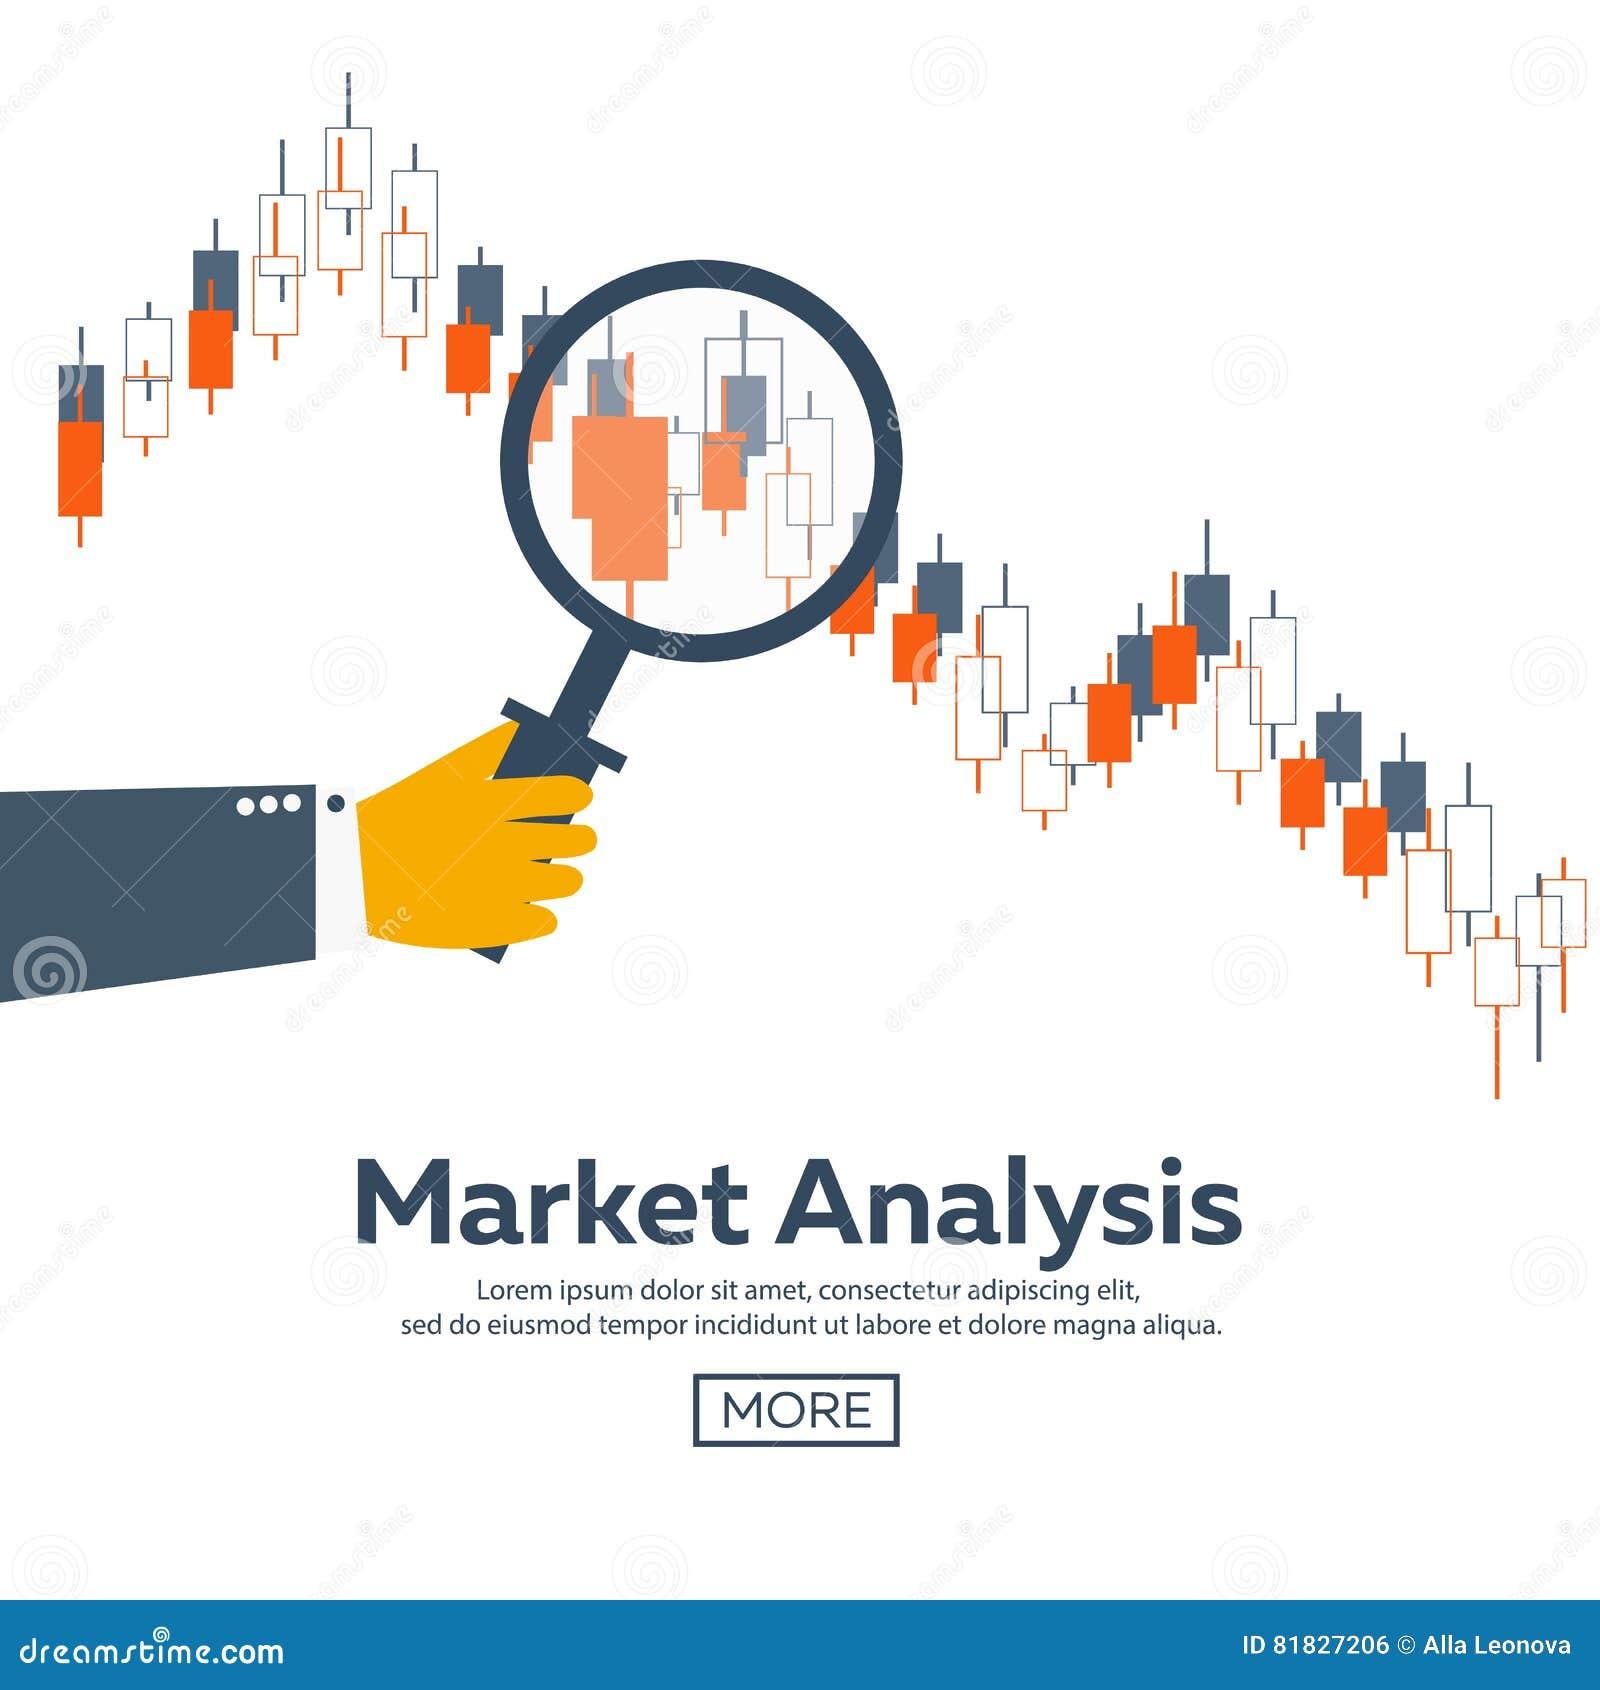 Αγορά Forex, εμπορικές συναλλαγές Λέσχη Forex On-line κάνοντας εμπόριο Τεχνολογίες στην επιχείρηση και τις εμπορικές συναλλαγές τ